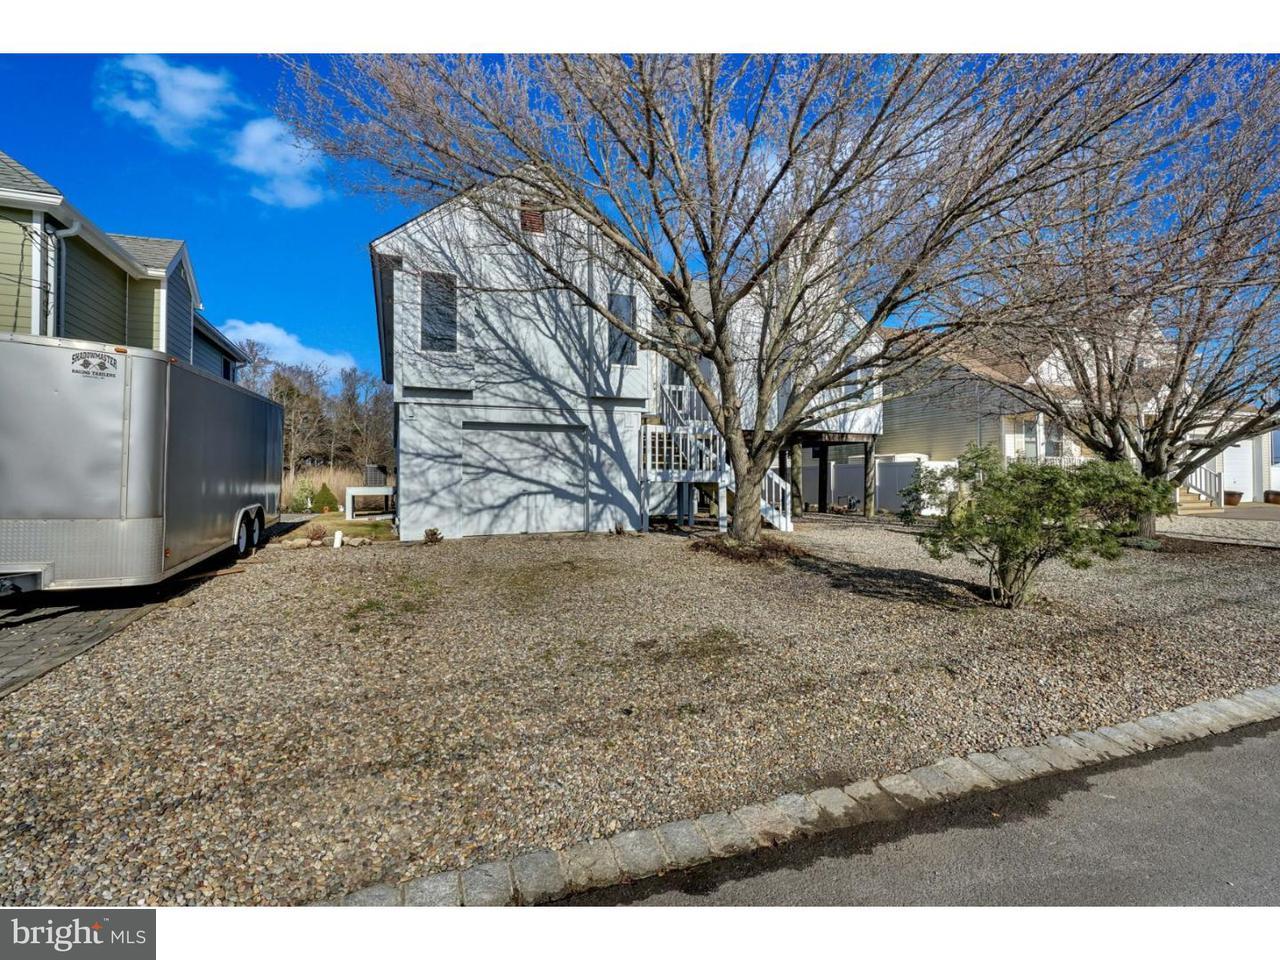 Maison unifamiliale pour l Vente à 4 CREEKVIEW Road Barnegat, New Jersey 08005 États-Unis